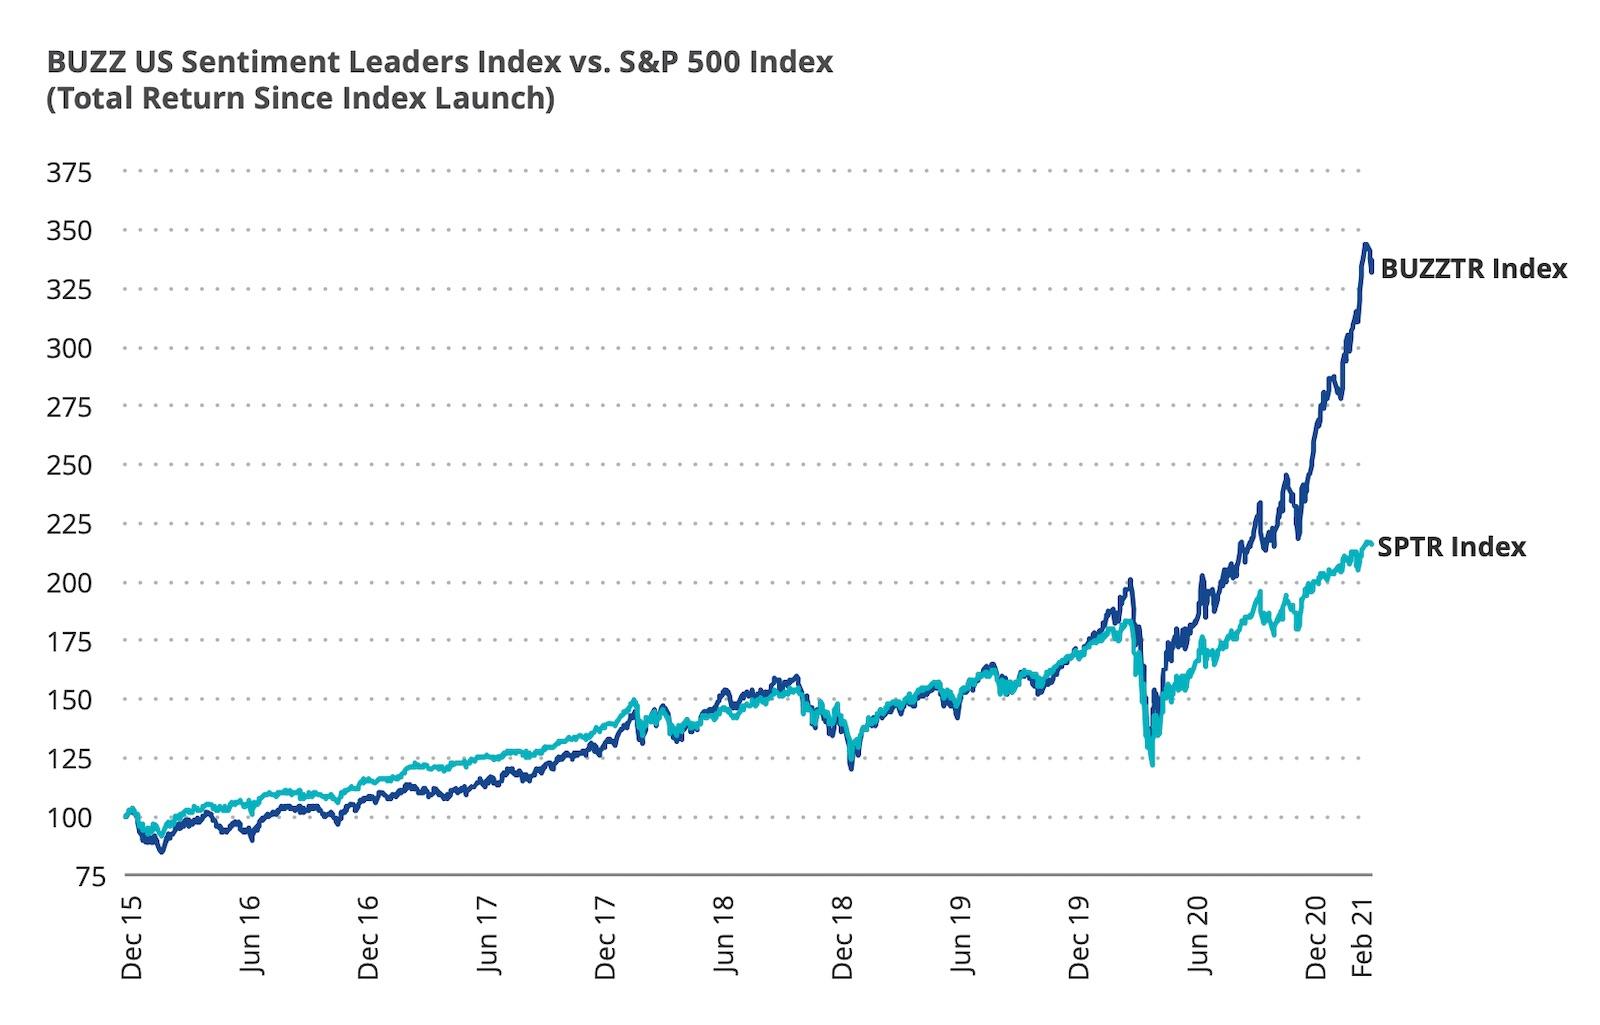 etf buzz investování sentiment